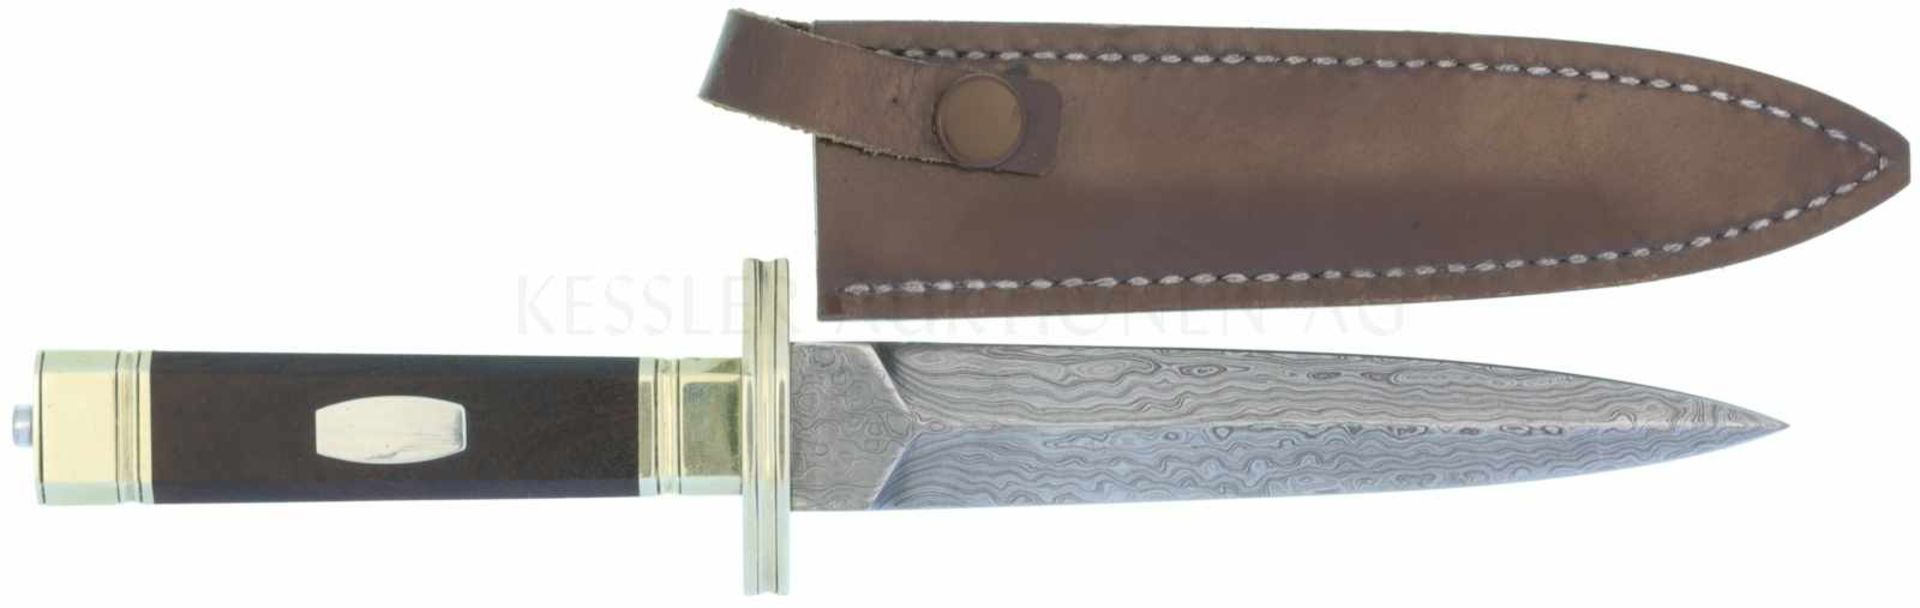 Dolch Empire Stil, Historismus-Anfertigung KL 135mm, TL 245mm, zweischneidige Damastklinge mit